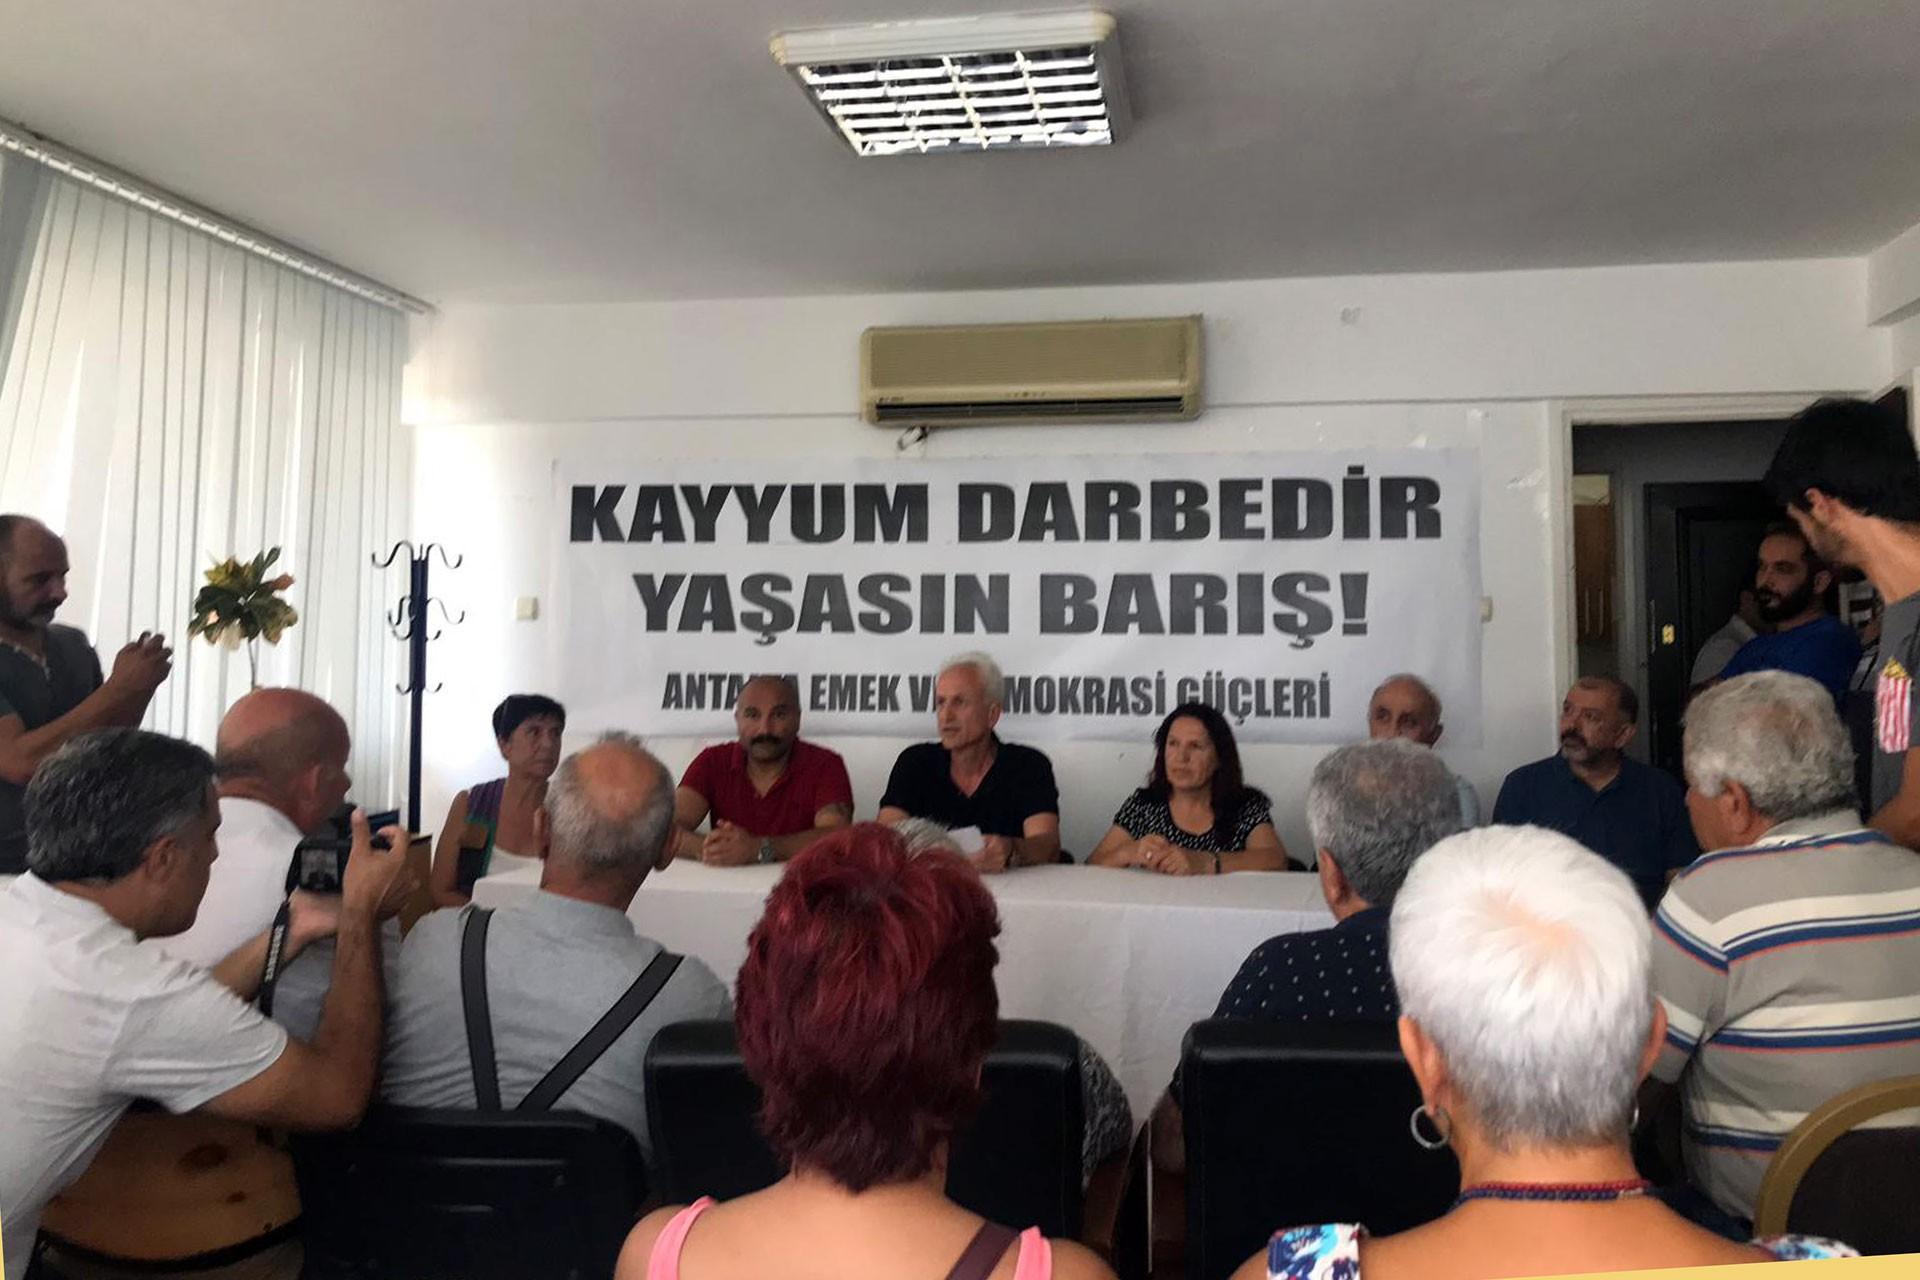 Antalya'da 1 Eylül mitingindeki kısıtlamalar protesto edildi